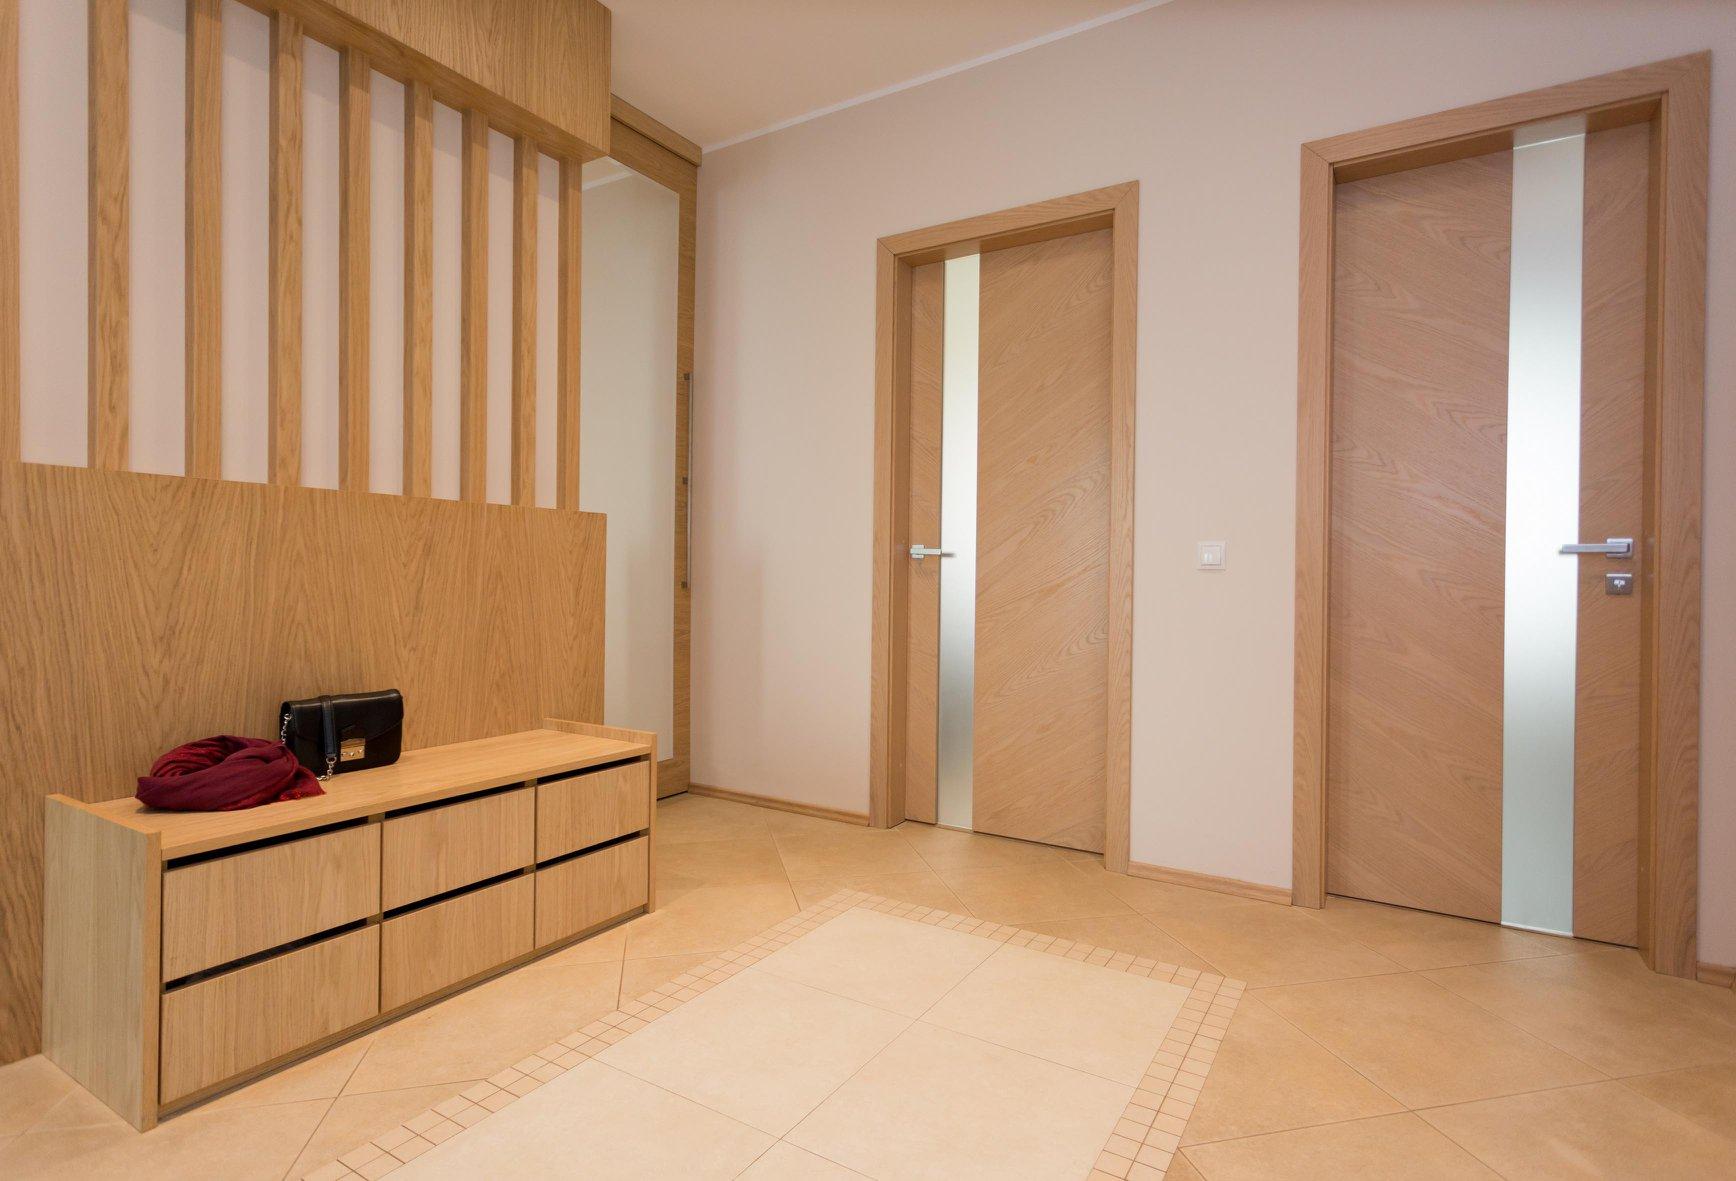 Pilt8-Wax Designi nutikad mööbli täislahendused uues eramus Harku vallas